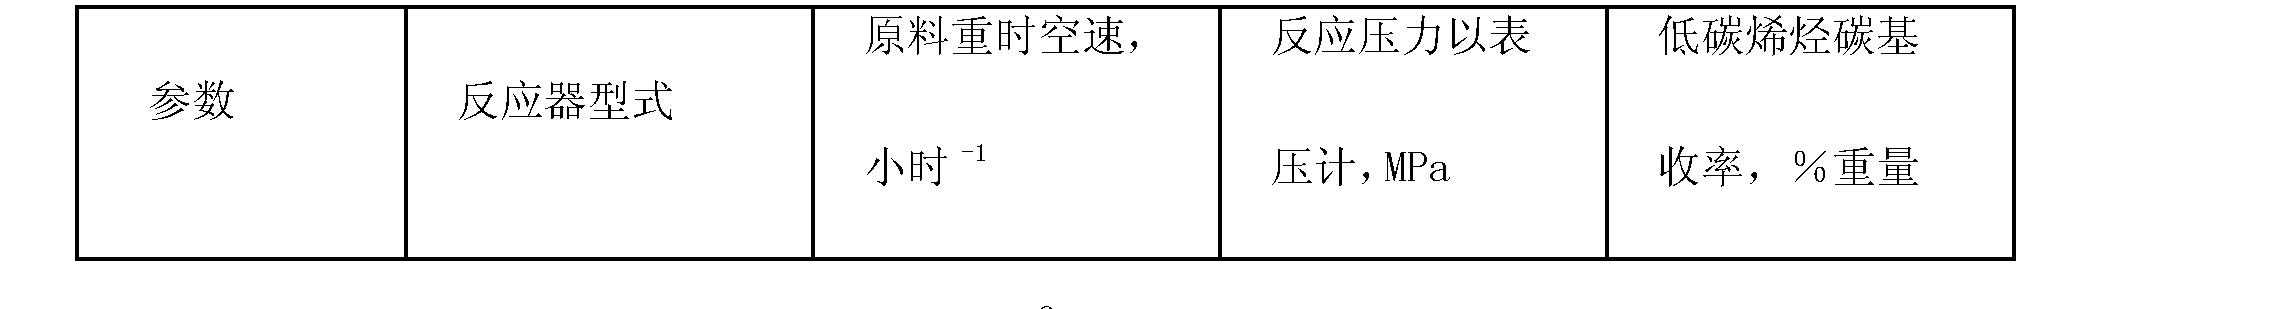 Figure CN101260014BD00064